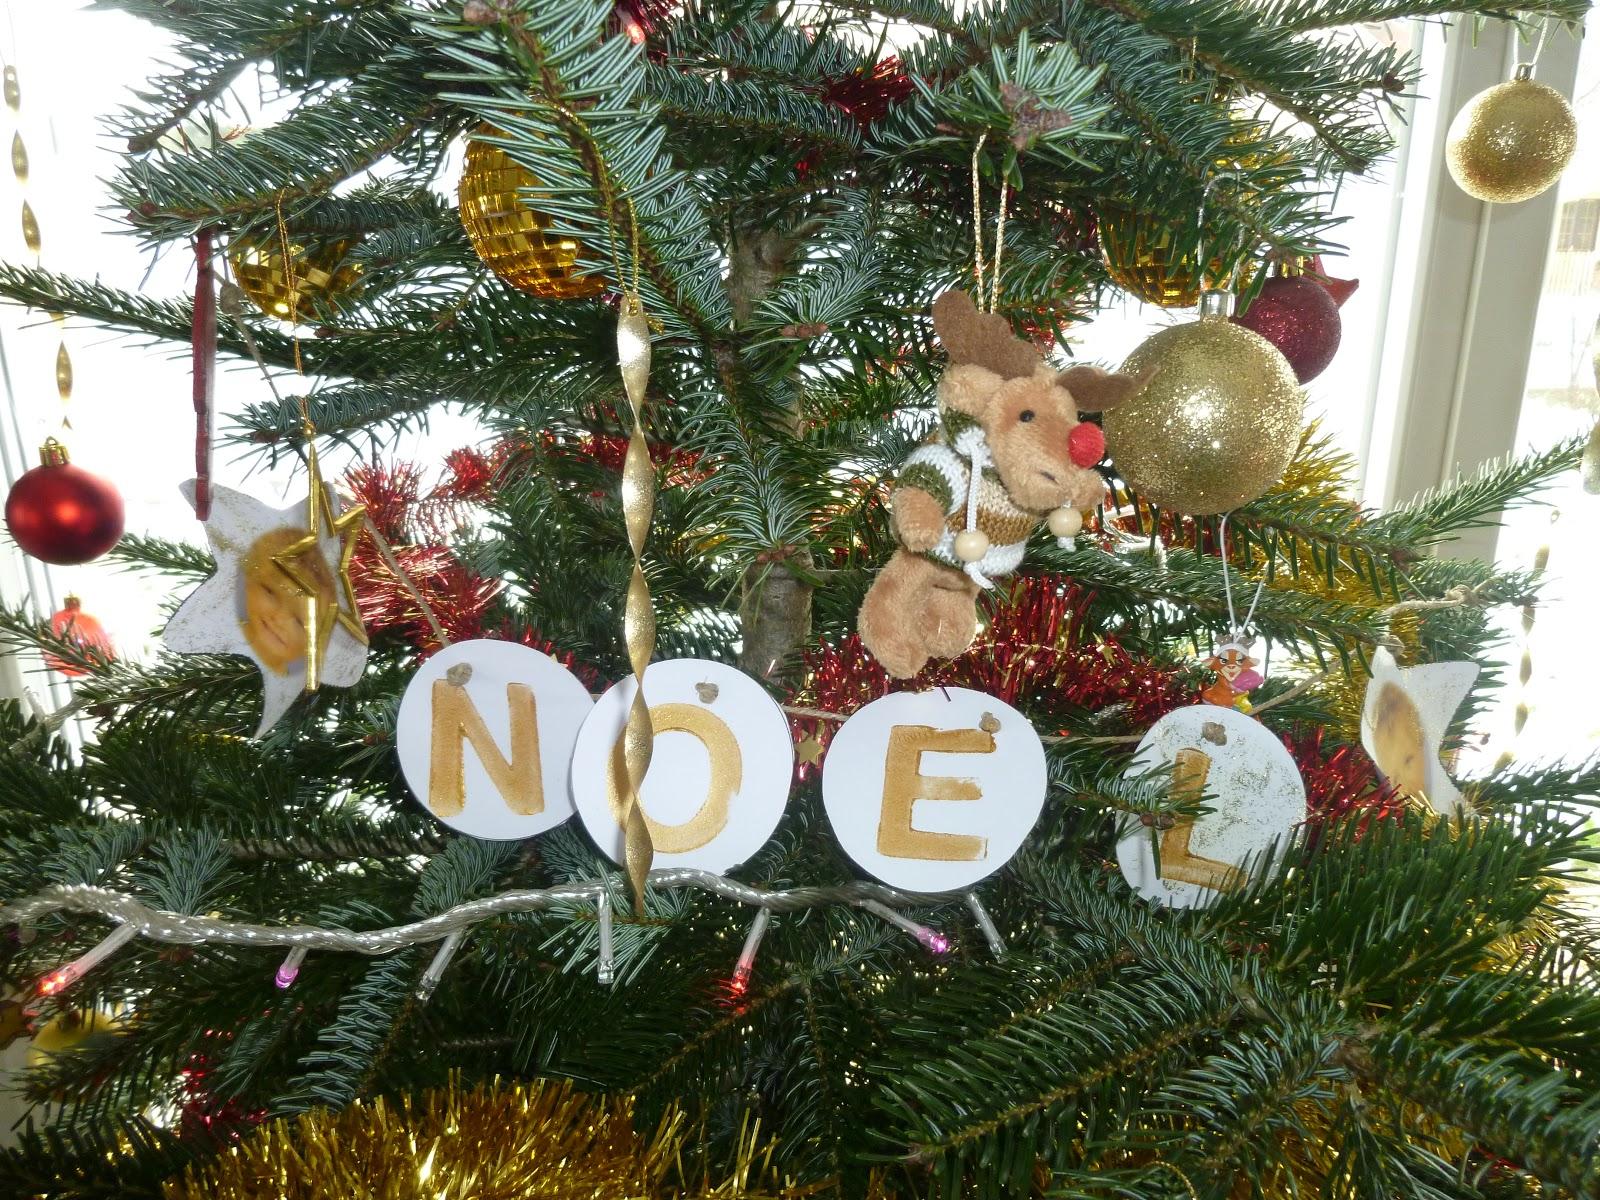 #693D24 Maman Est Au Musée: Mon Beau Sapin De Noël Rouge Et Or 6513 décoration sapin de noel rouge et or 1600x1200 px @ aertt.com